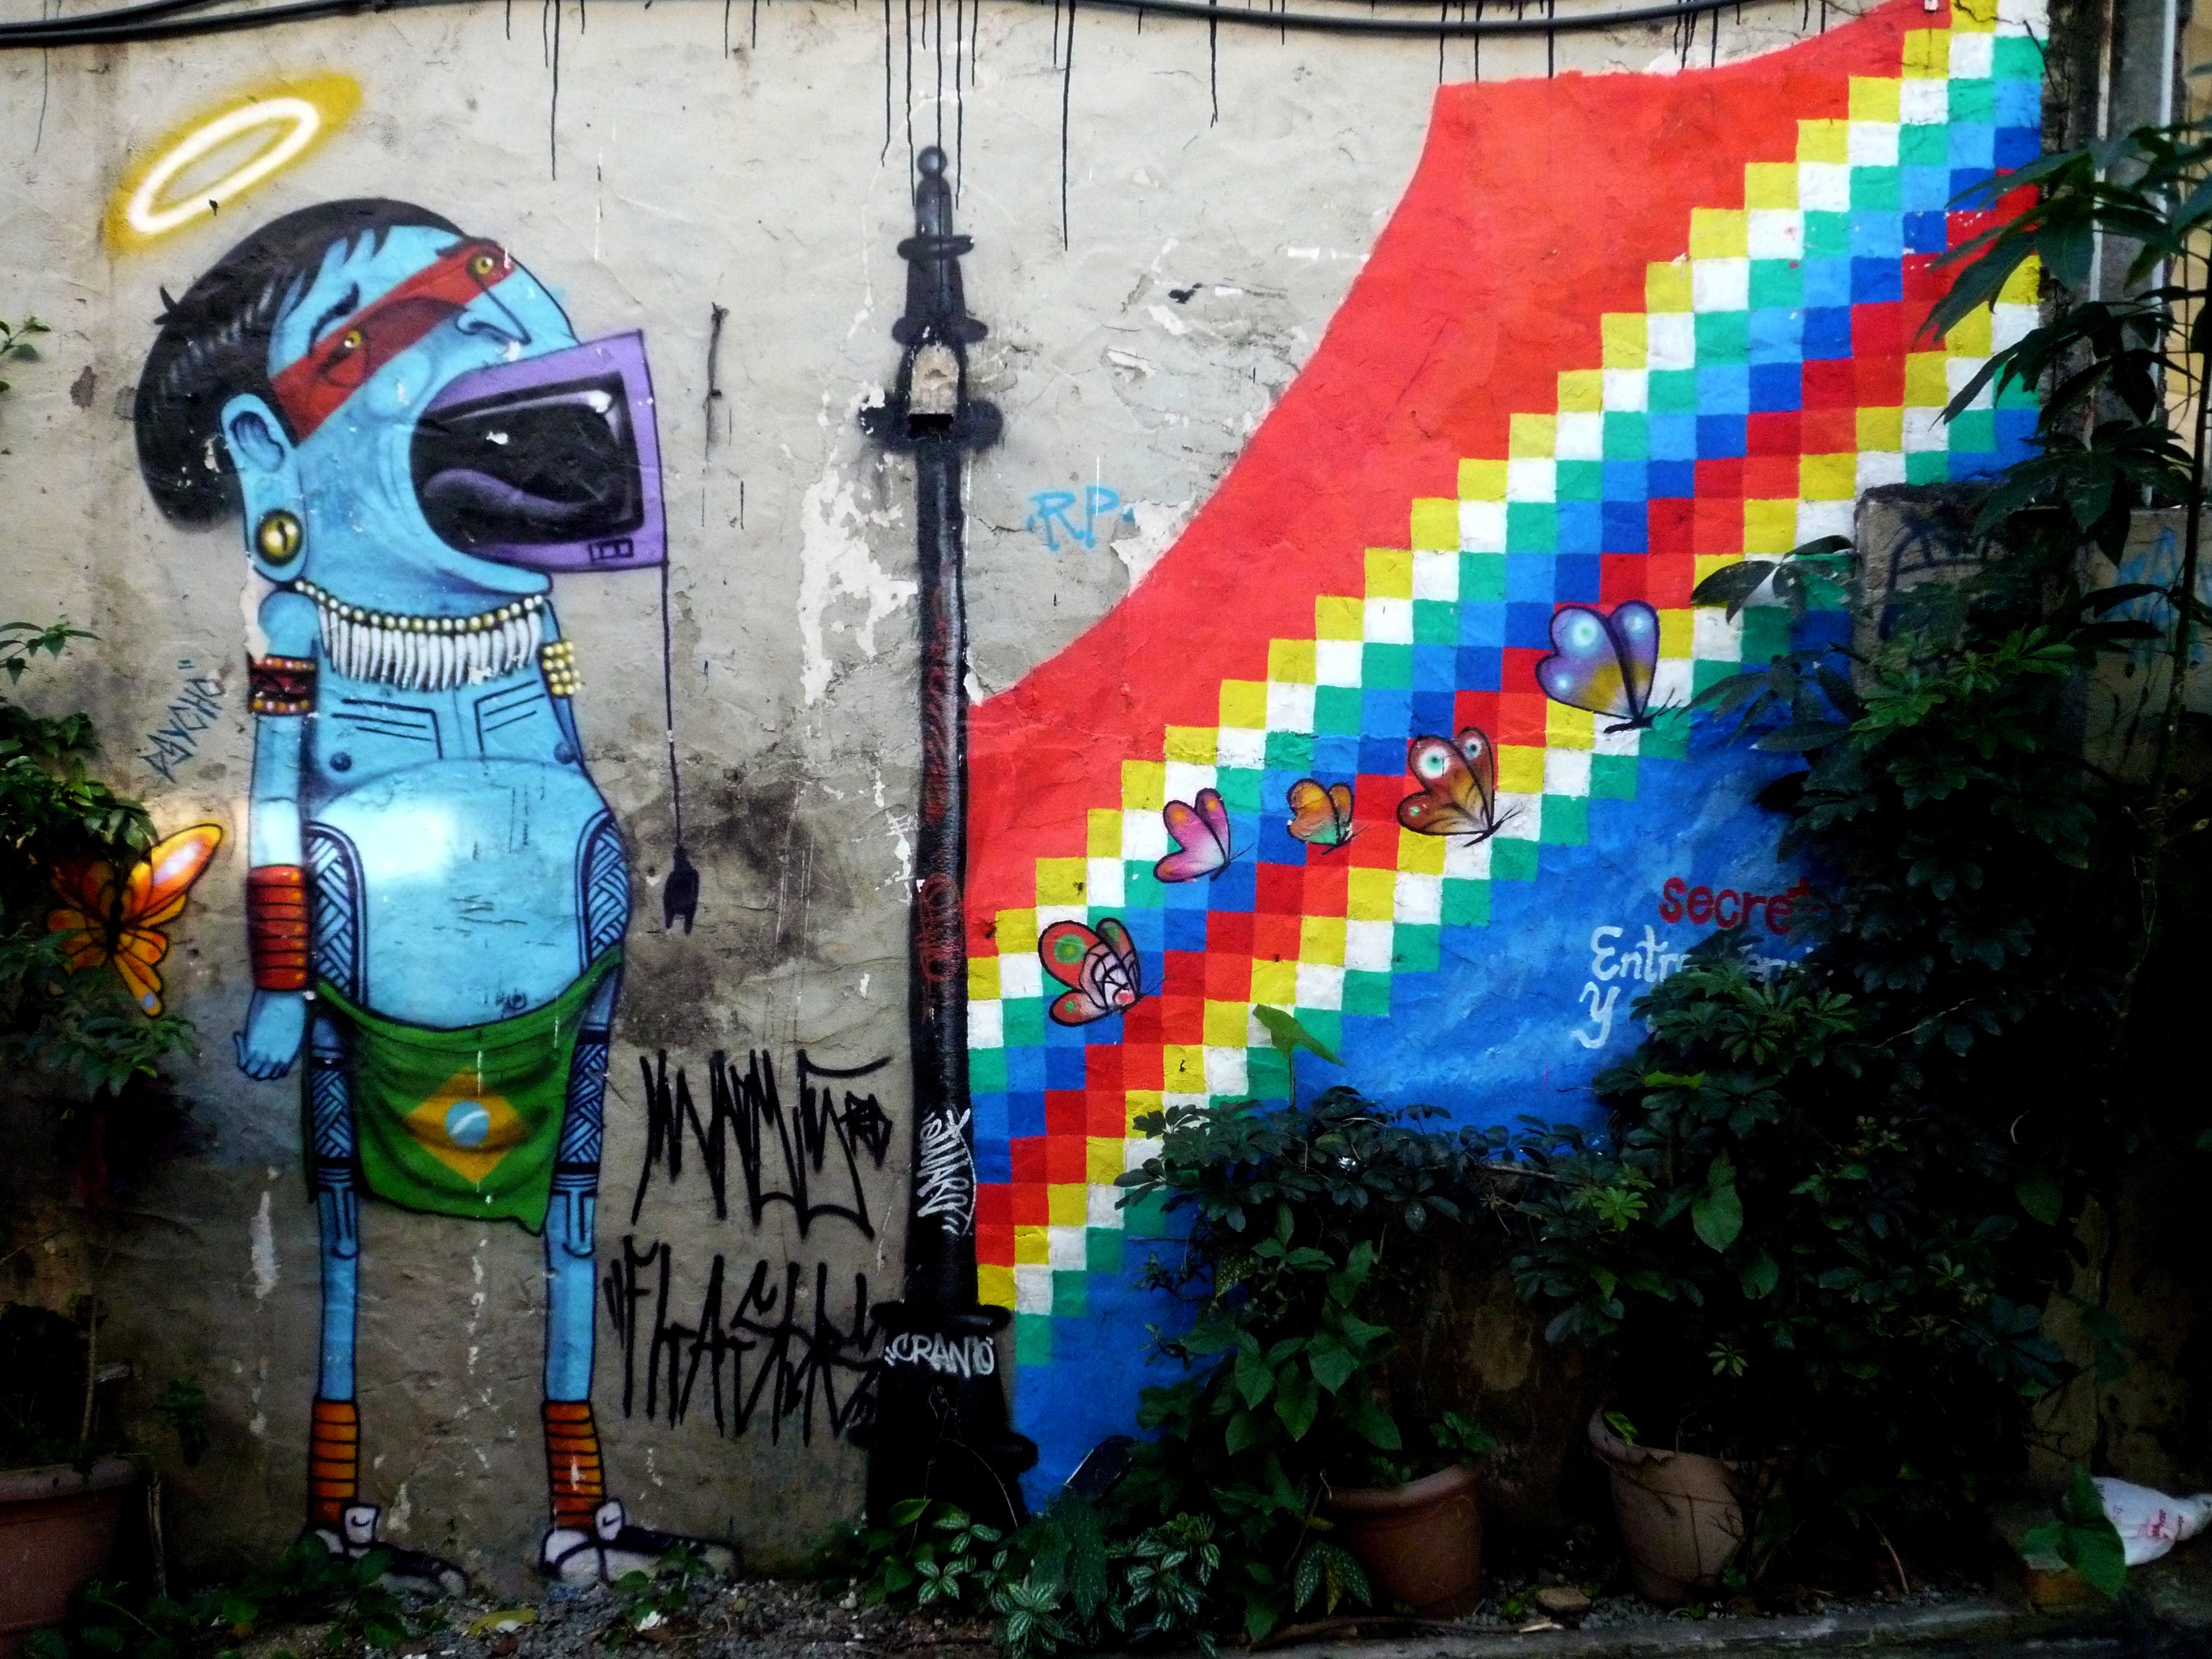 Filedetalle Graffitis Patio Casa Fora Do Eixo Sao Paulojpg - Graffitis-en-casa